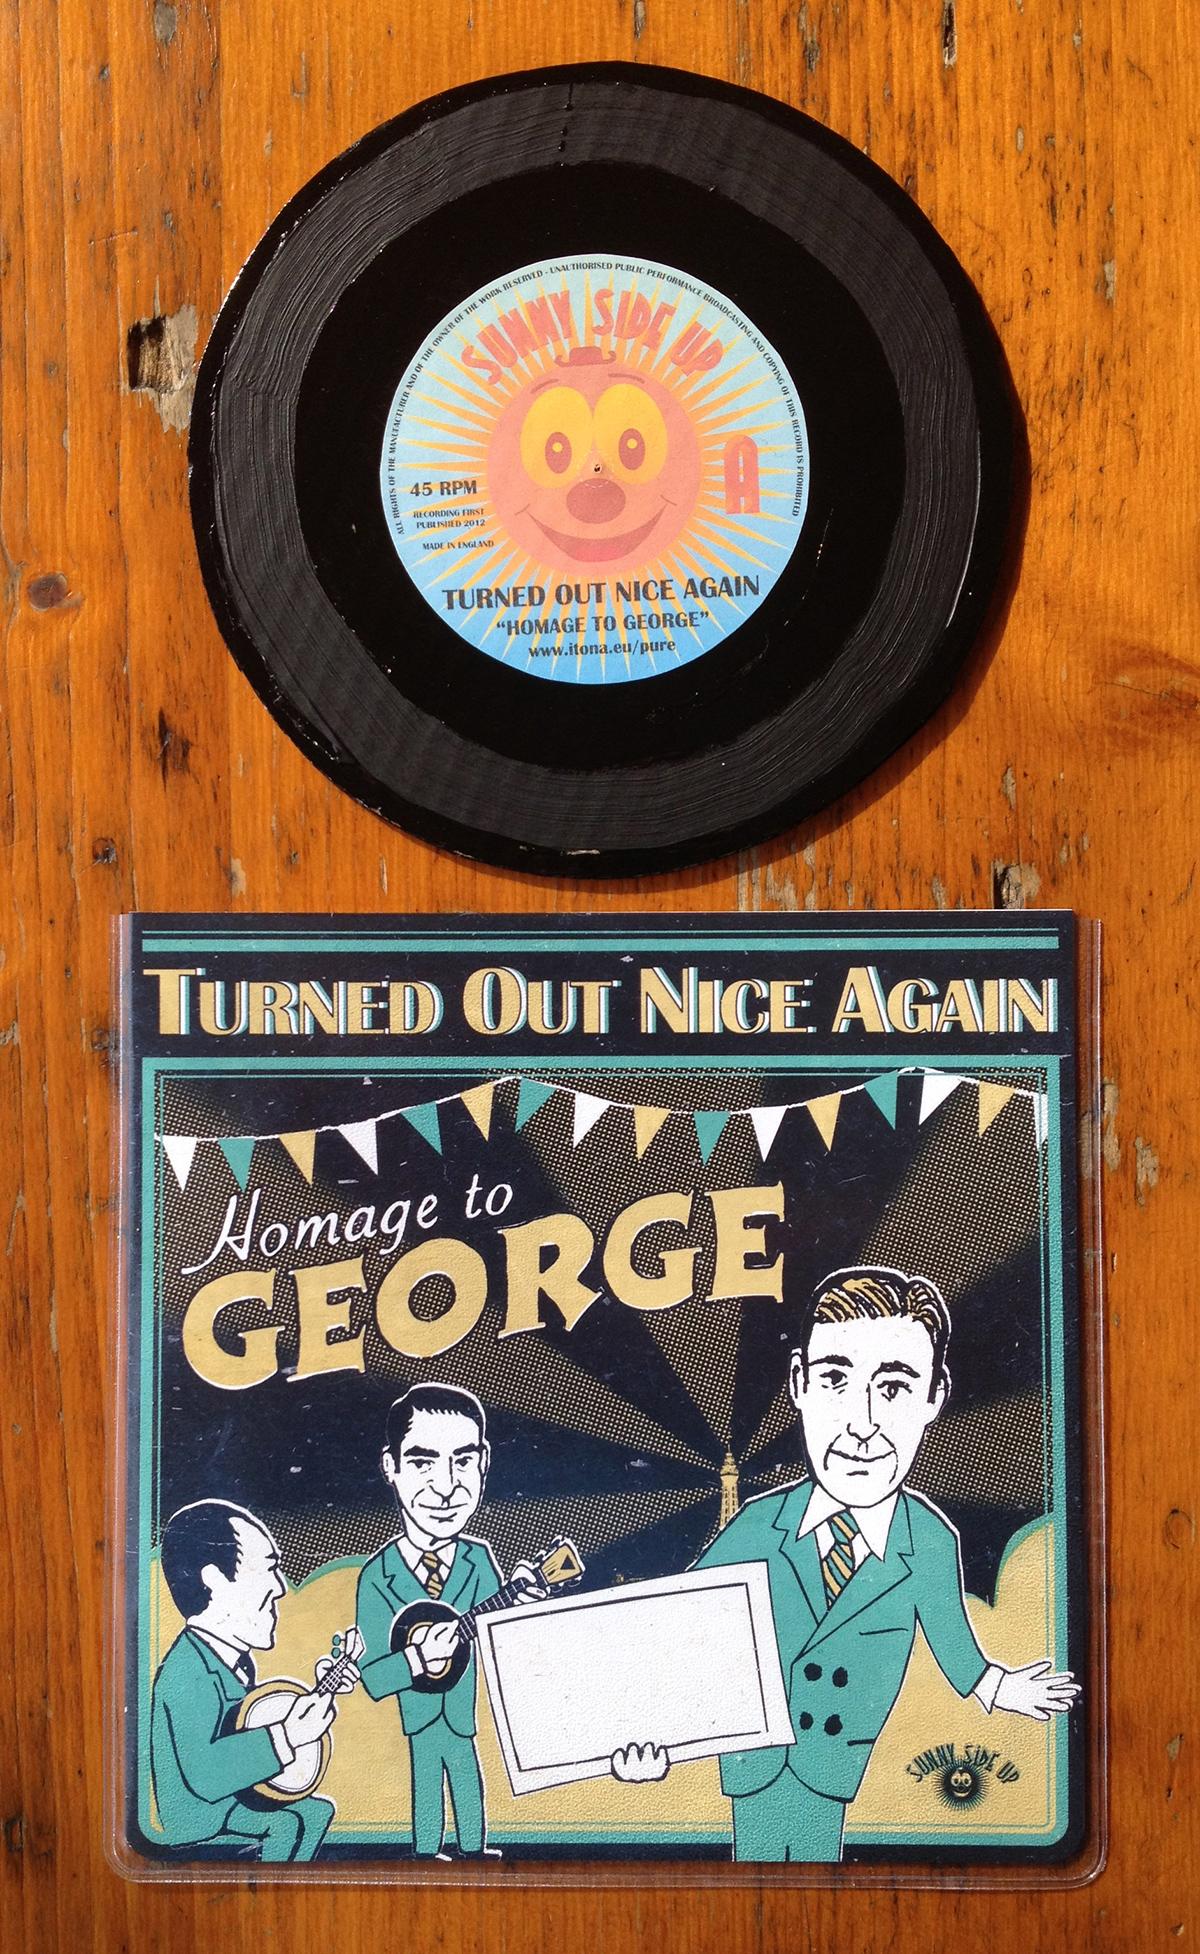 Homage To George - cardboard vinyl